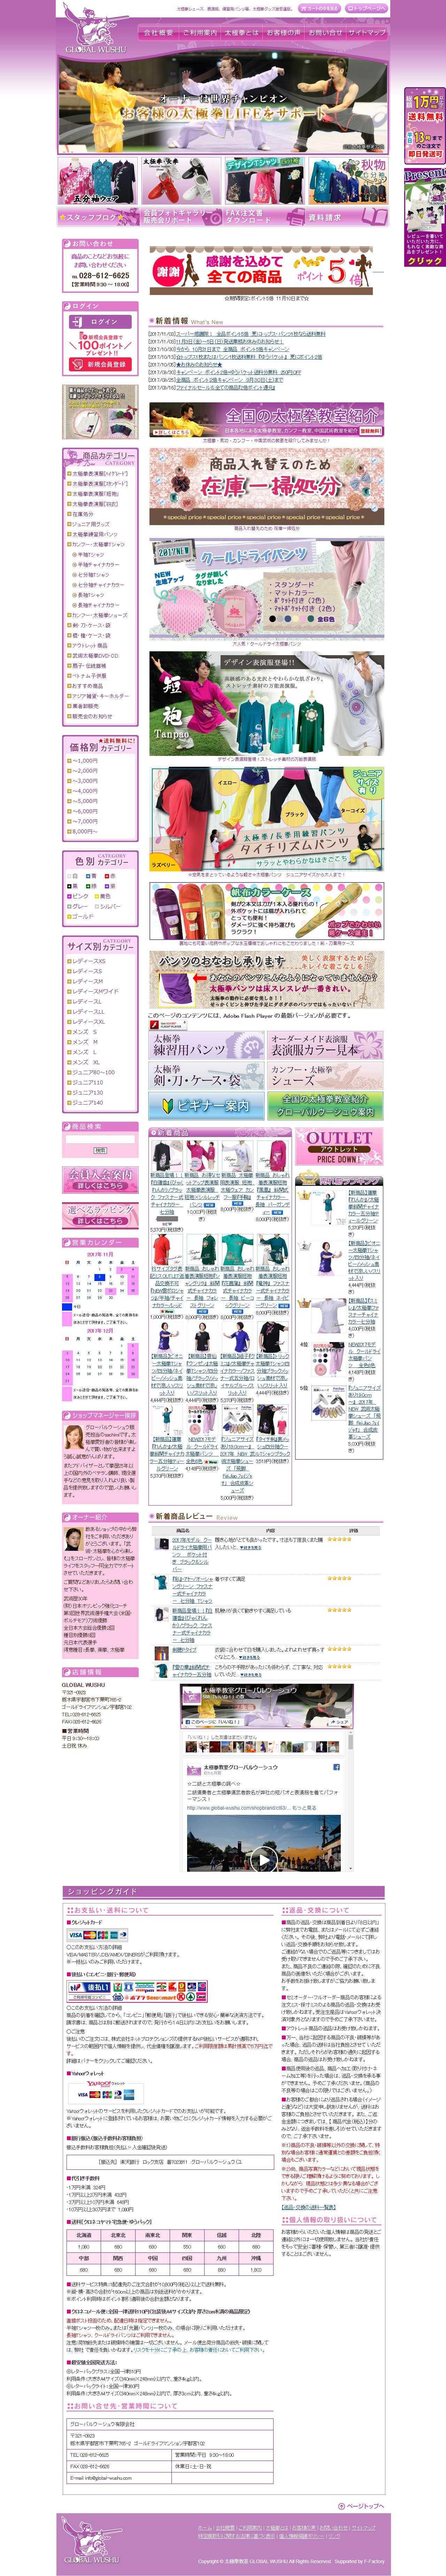 栃木県宇都宮市の太極拳グッズ通販ネットショップ